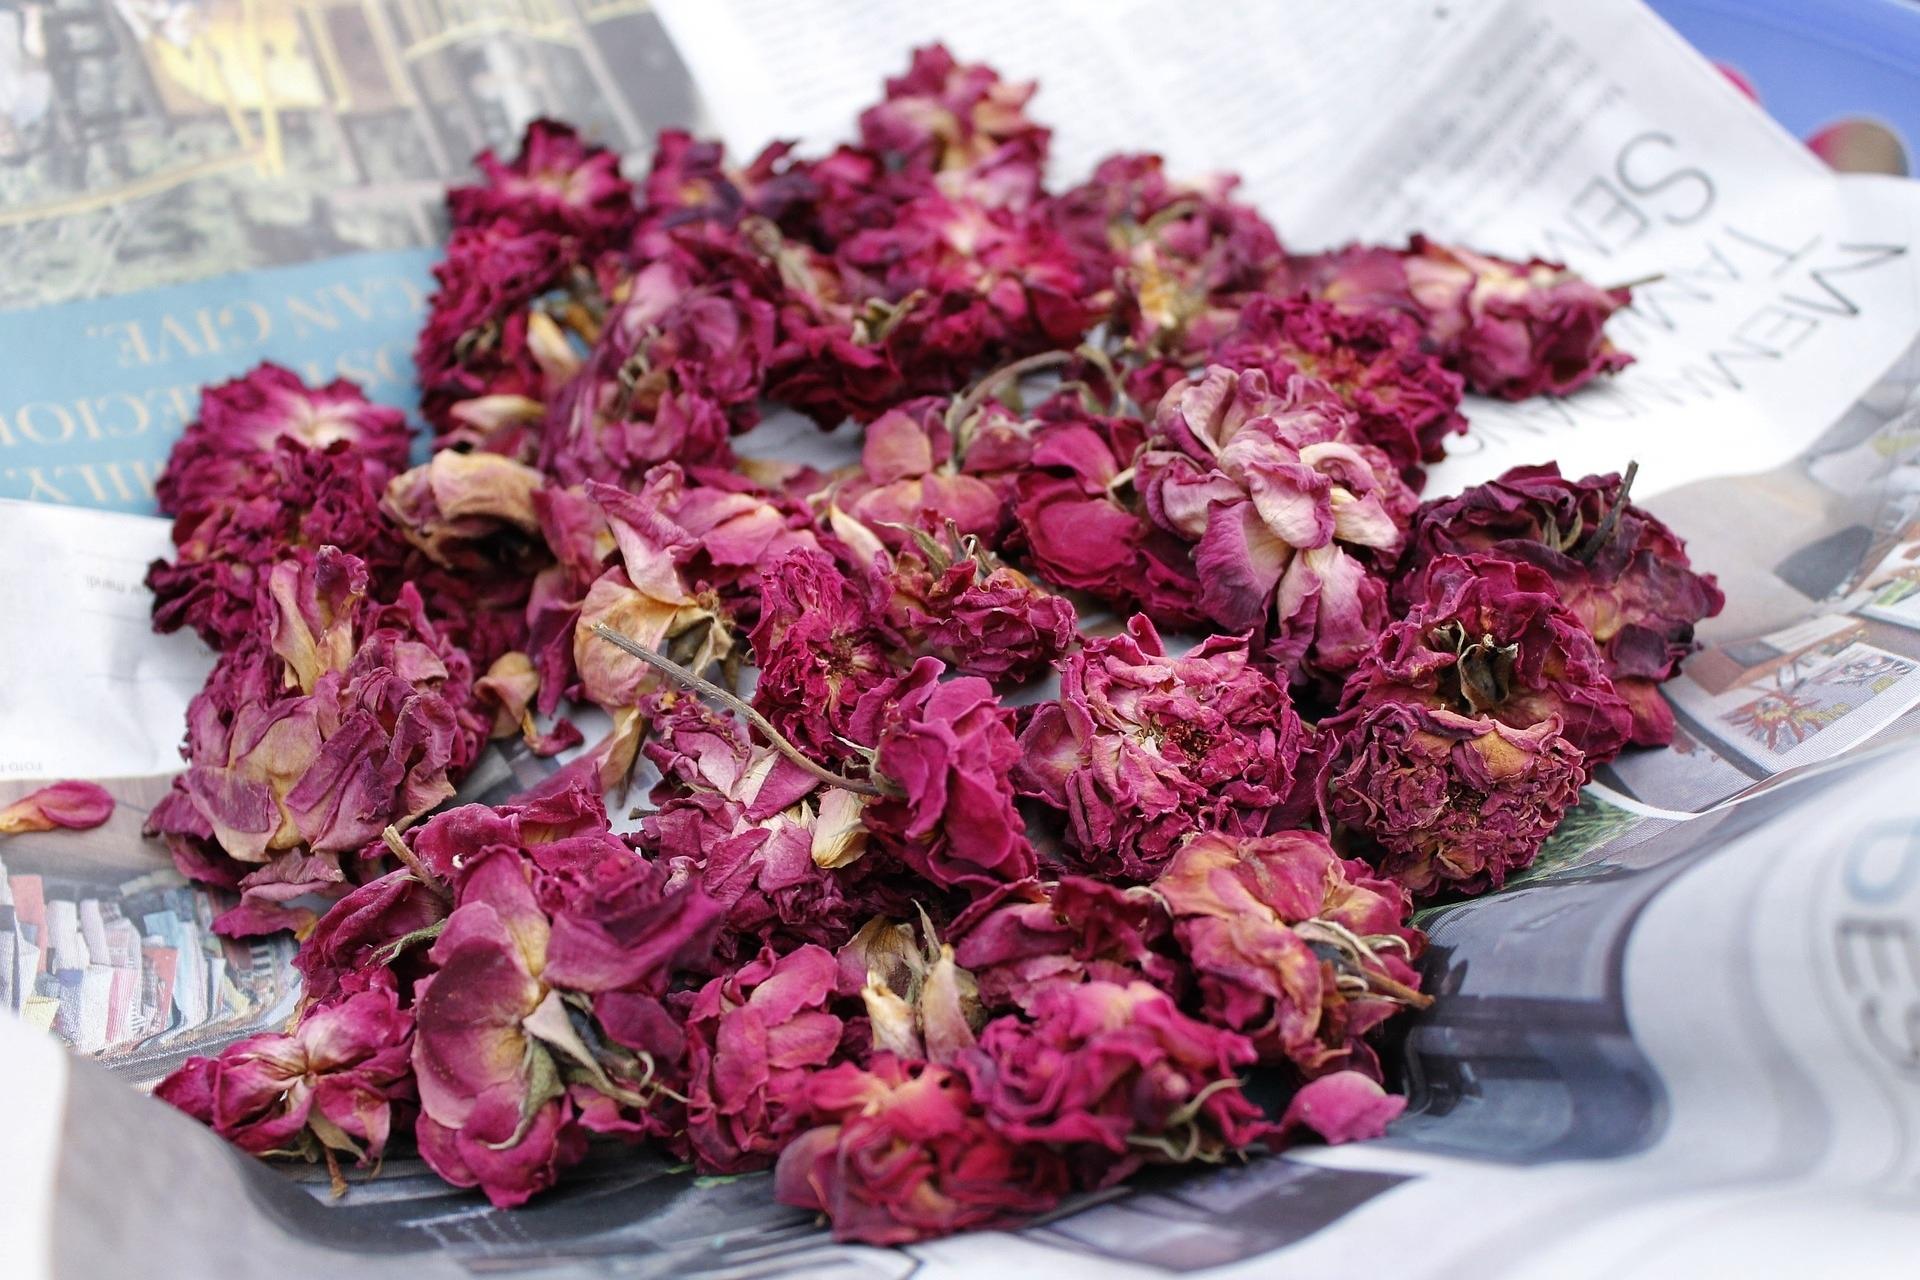 dryingflowerspotpourri.jpg